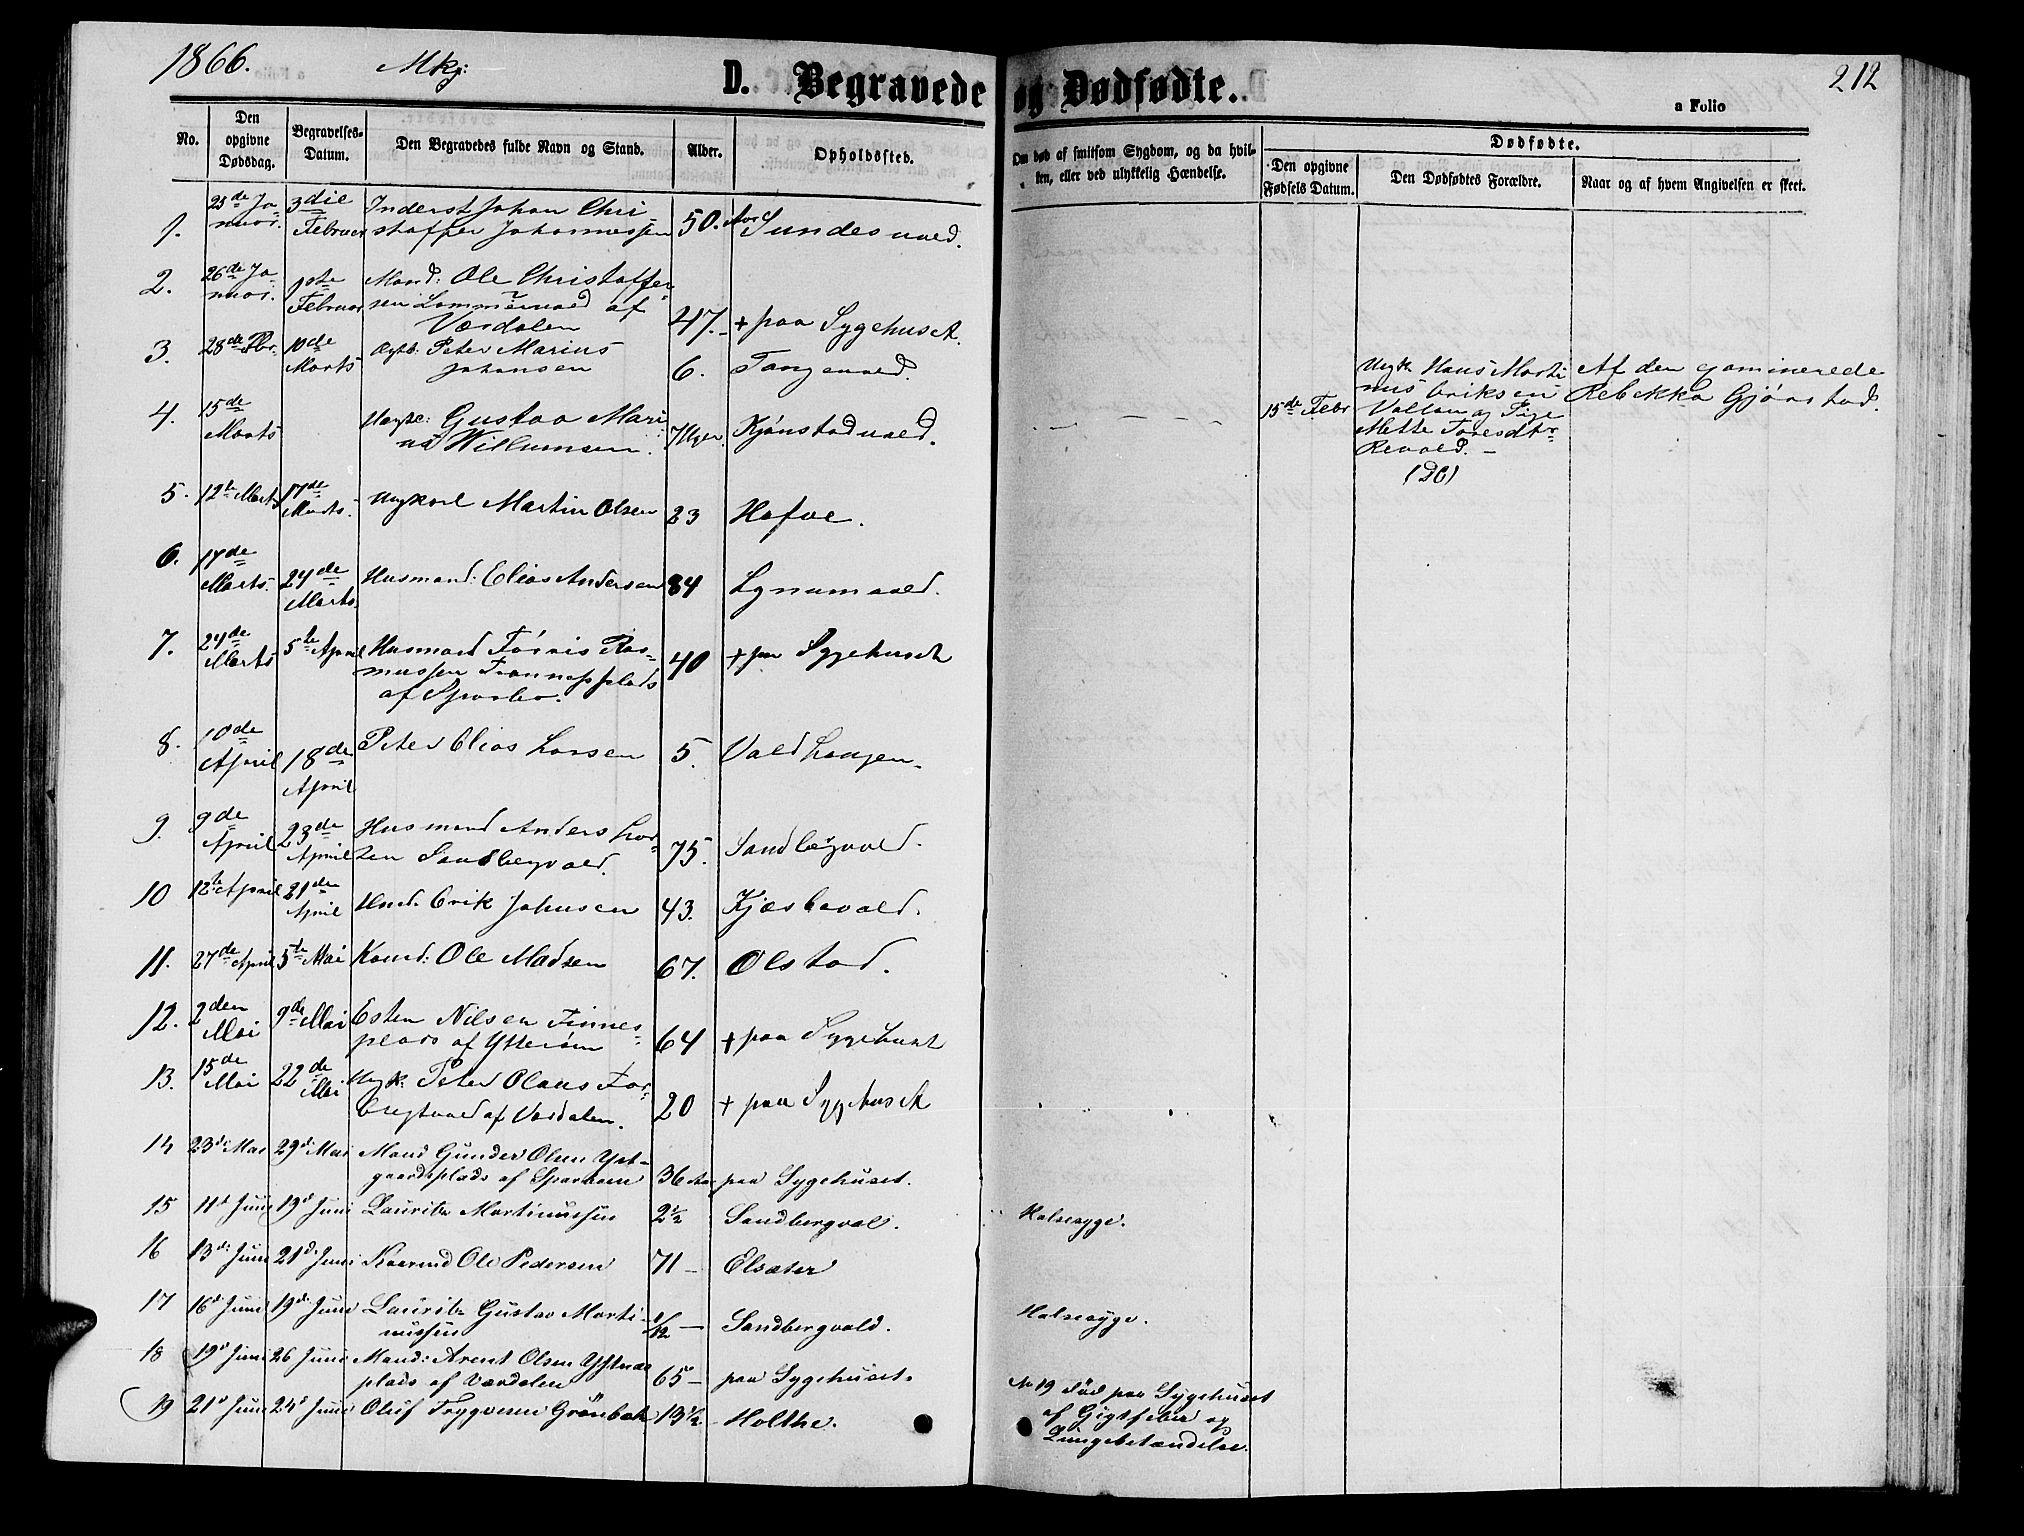 SAT, Ministerialprotokoller, klokkerbøker og fødselsregistre - Nord-Trøndelag, 717/L0170: Klokkerbok nr. 717C02, 1866-1866, s. 212